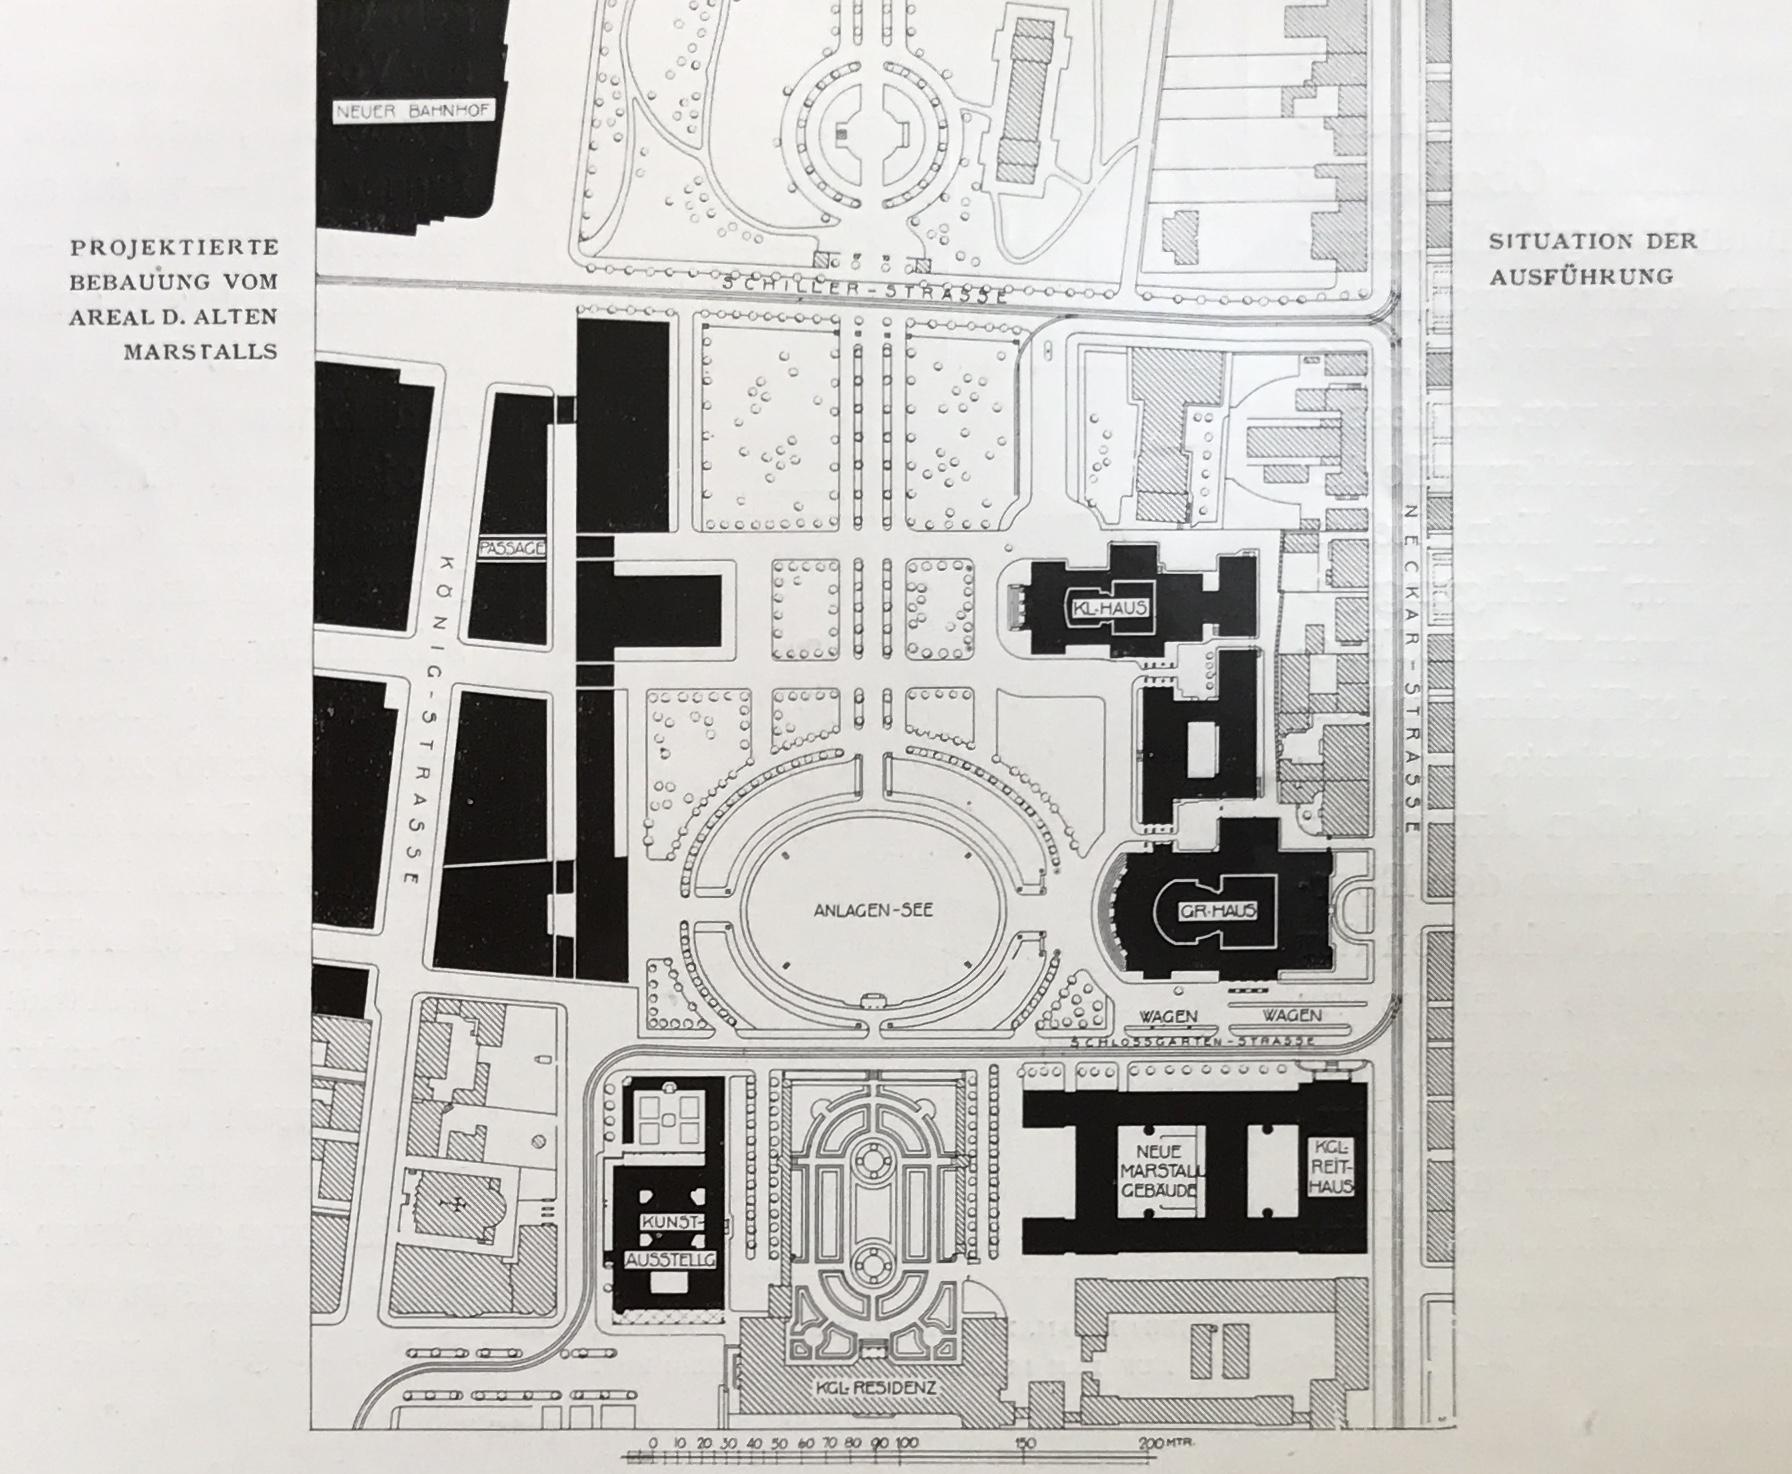 Gestaltung des Marstall-Areals durch Max Littmann – eine Anregung für heute?